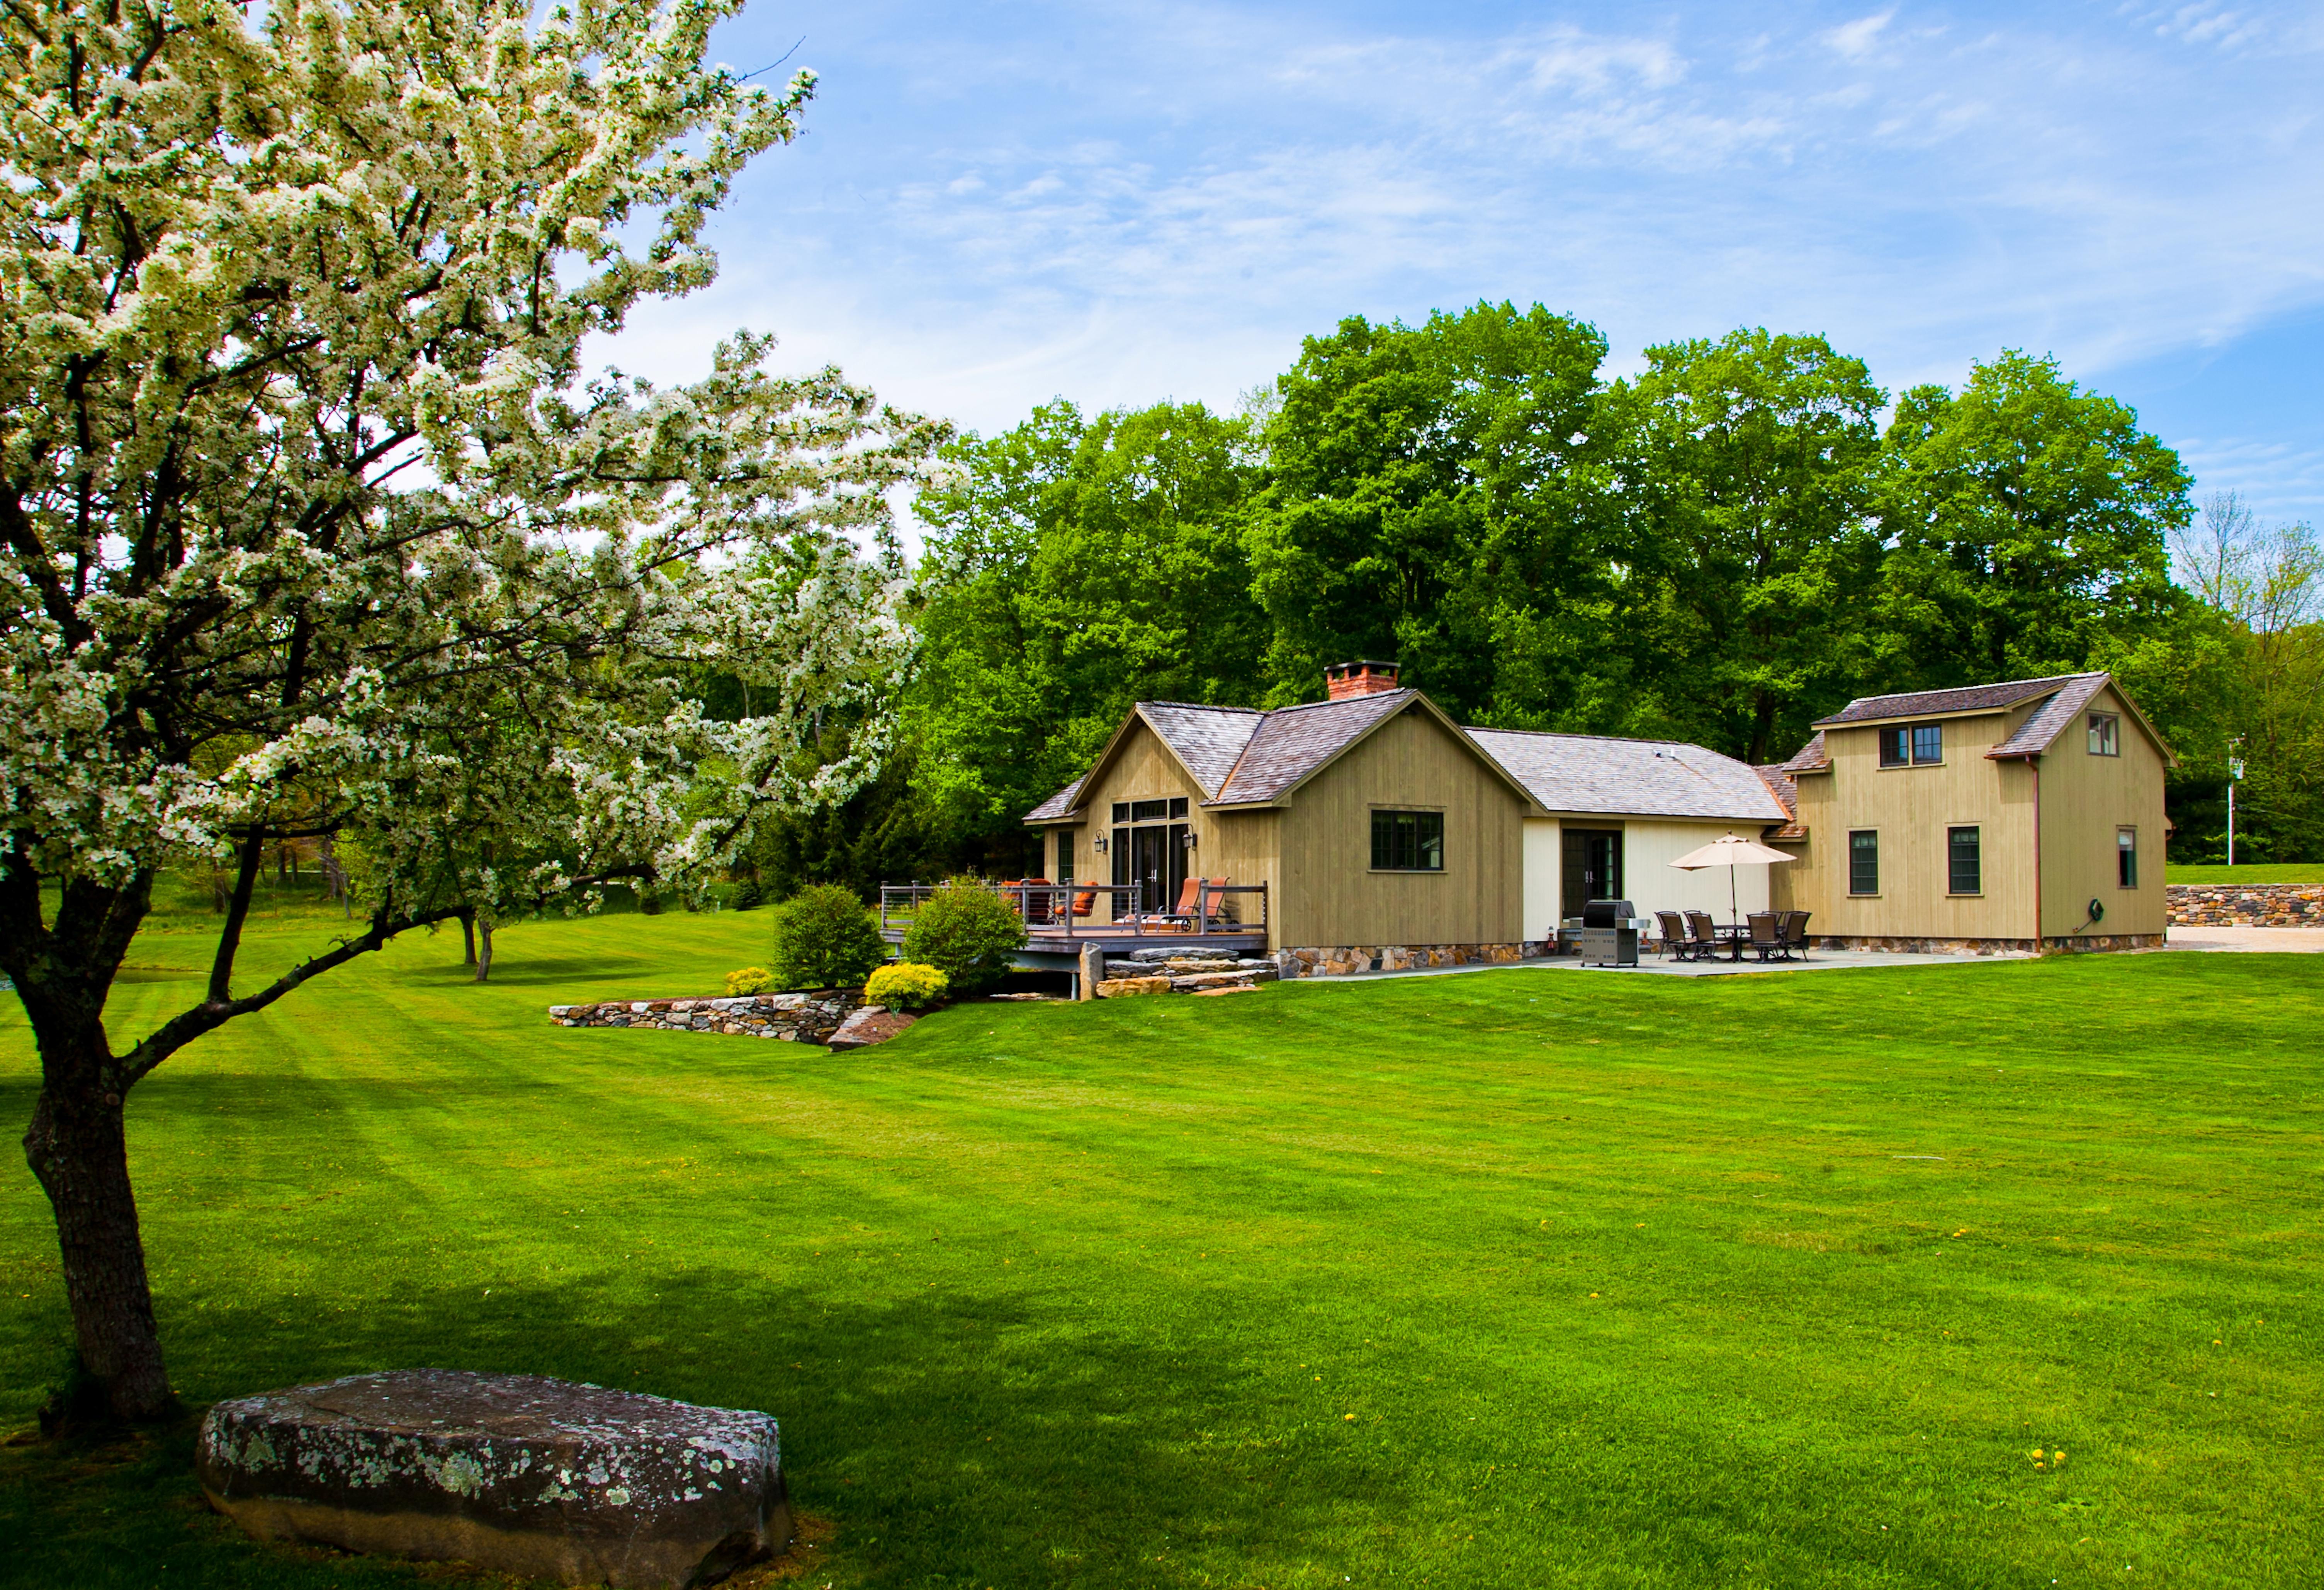 Casa Unifamiliar por un Venta en Wilson House 71 Brick School Road Warren, Connecticut 06754 Estados Unidos